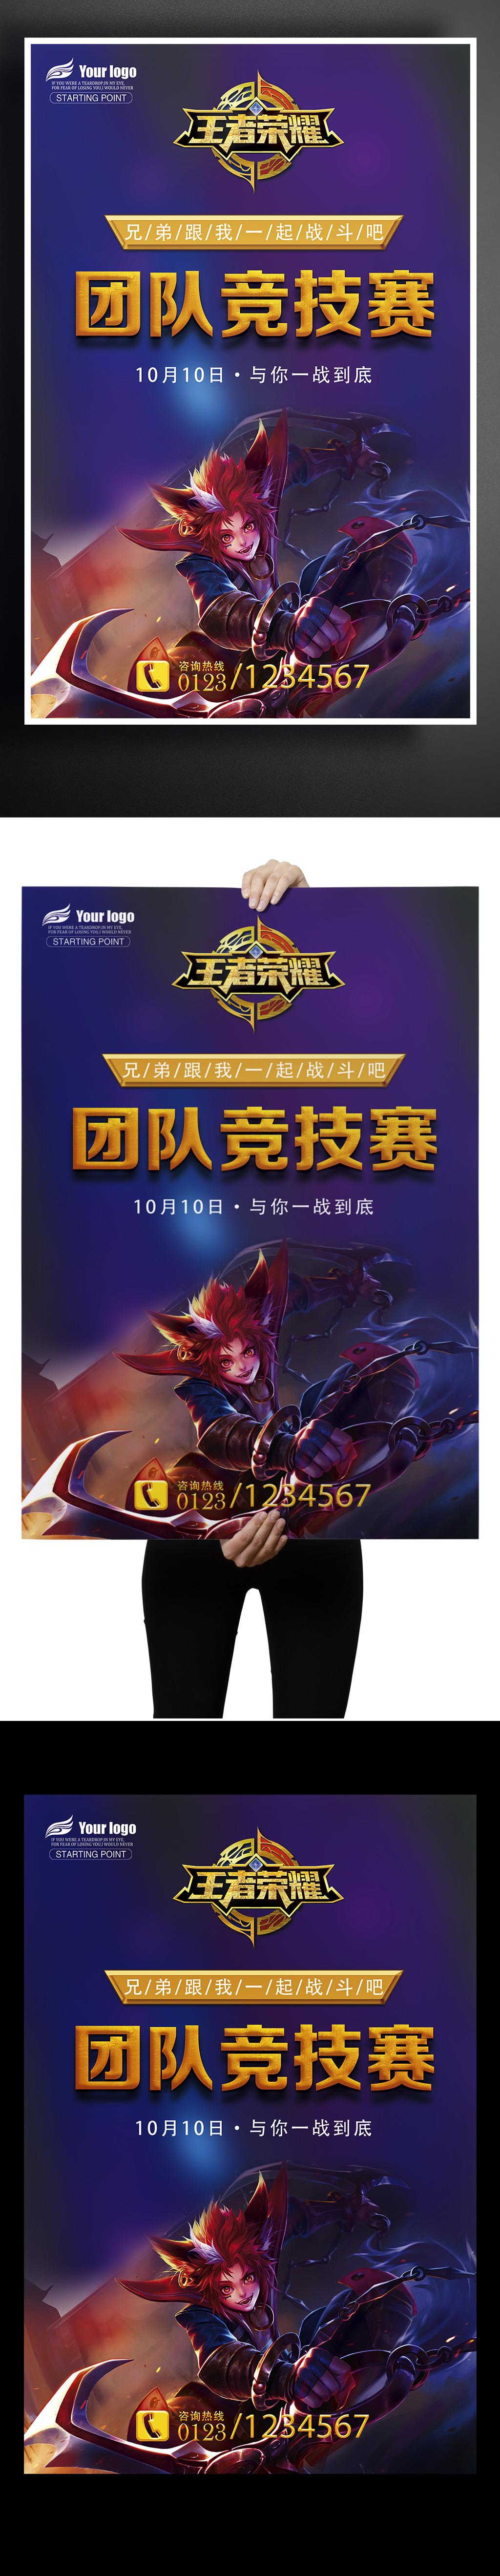 王者荣耀赛事宣传海报